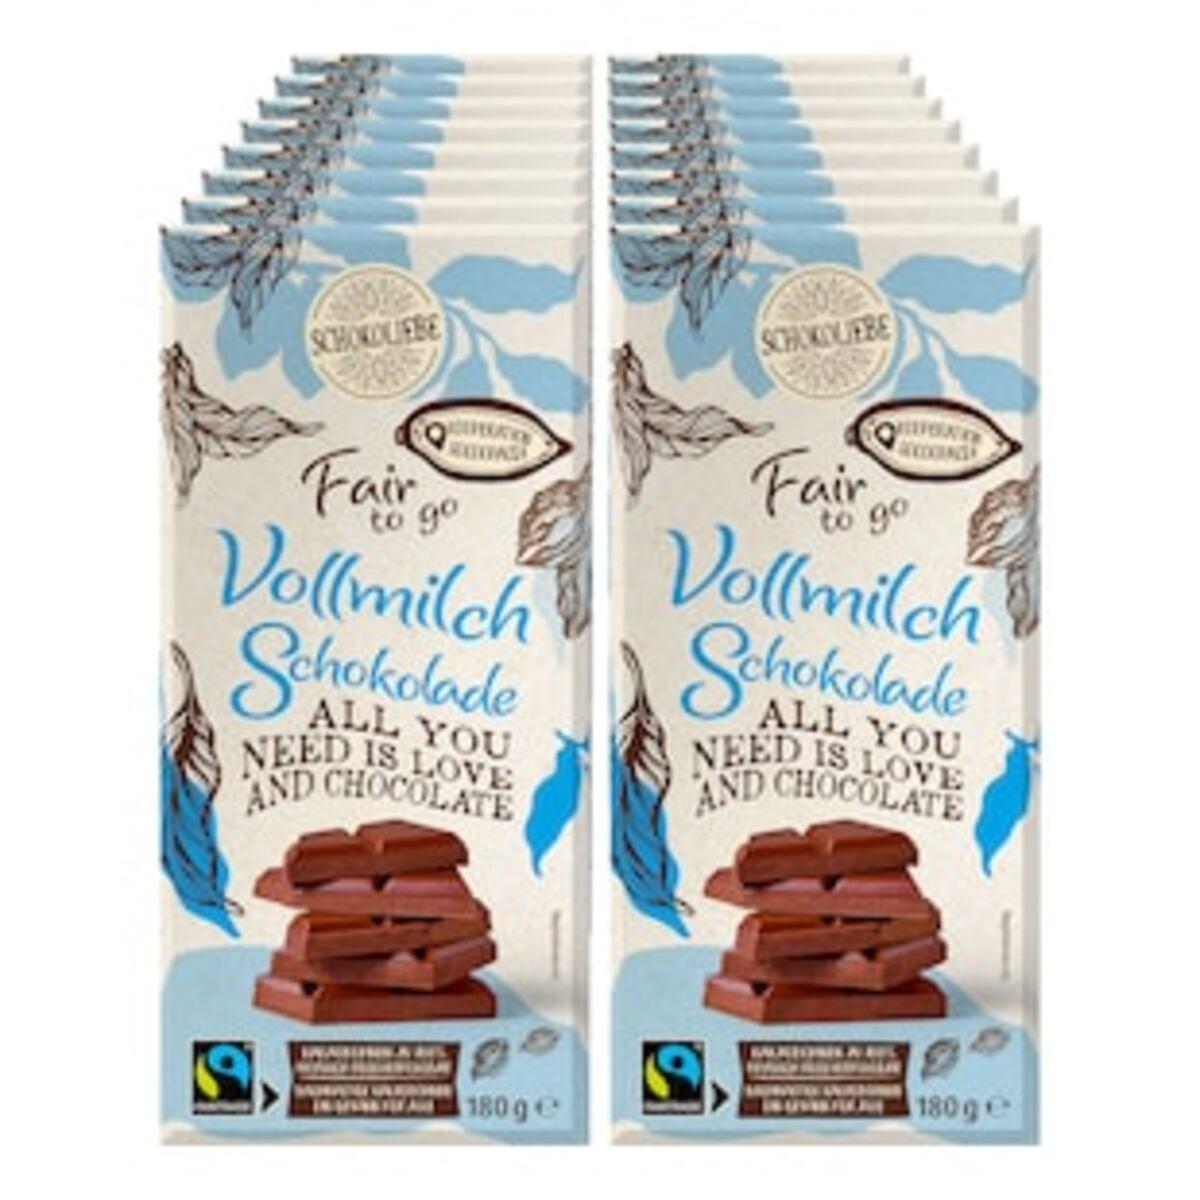 Bild 2 von Schokoliebe FairtoGo Vollmilch Schokolade 180 g, 16er Pack